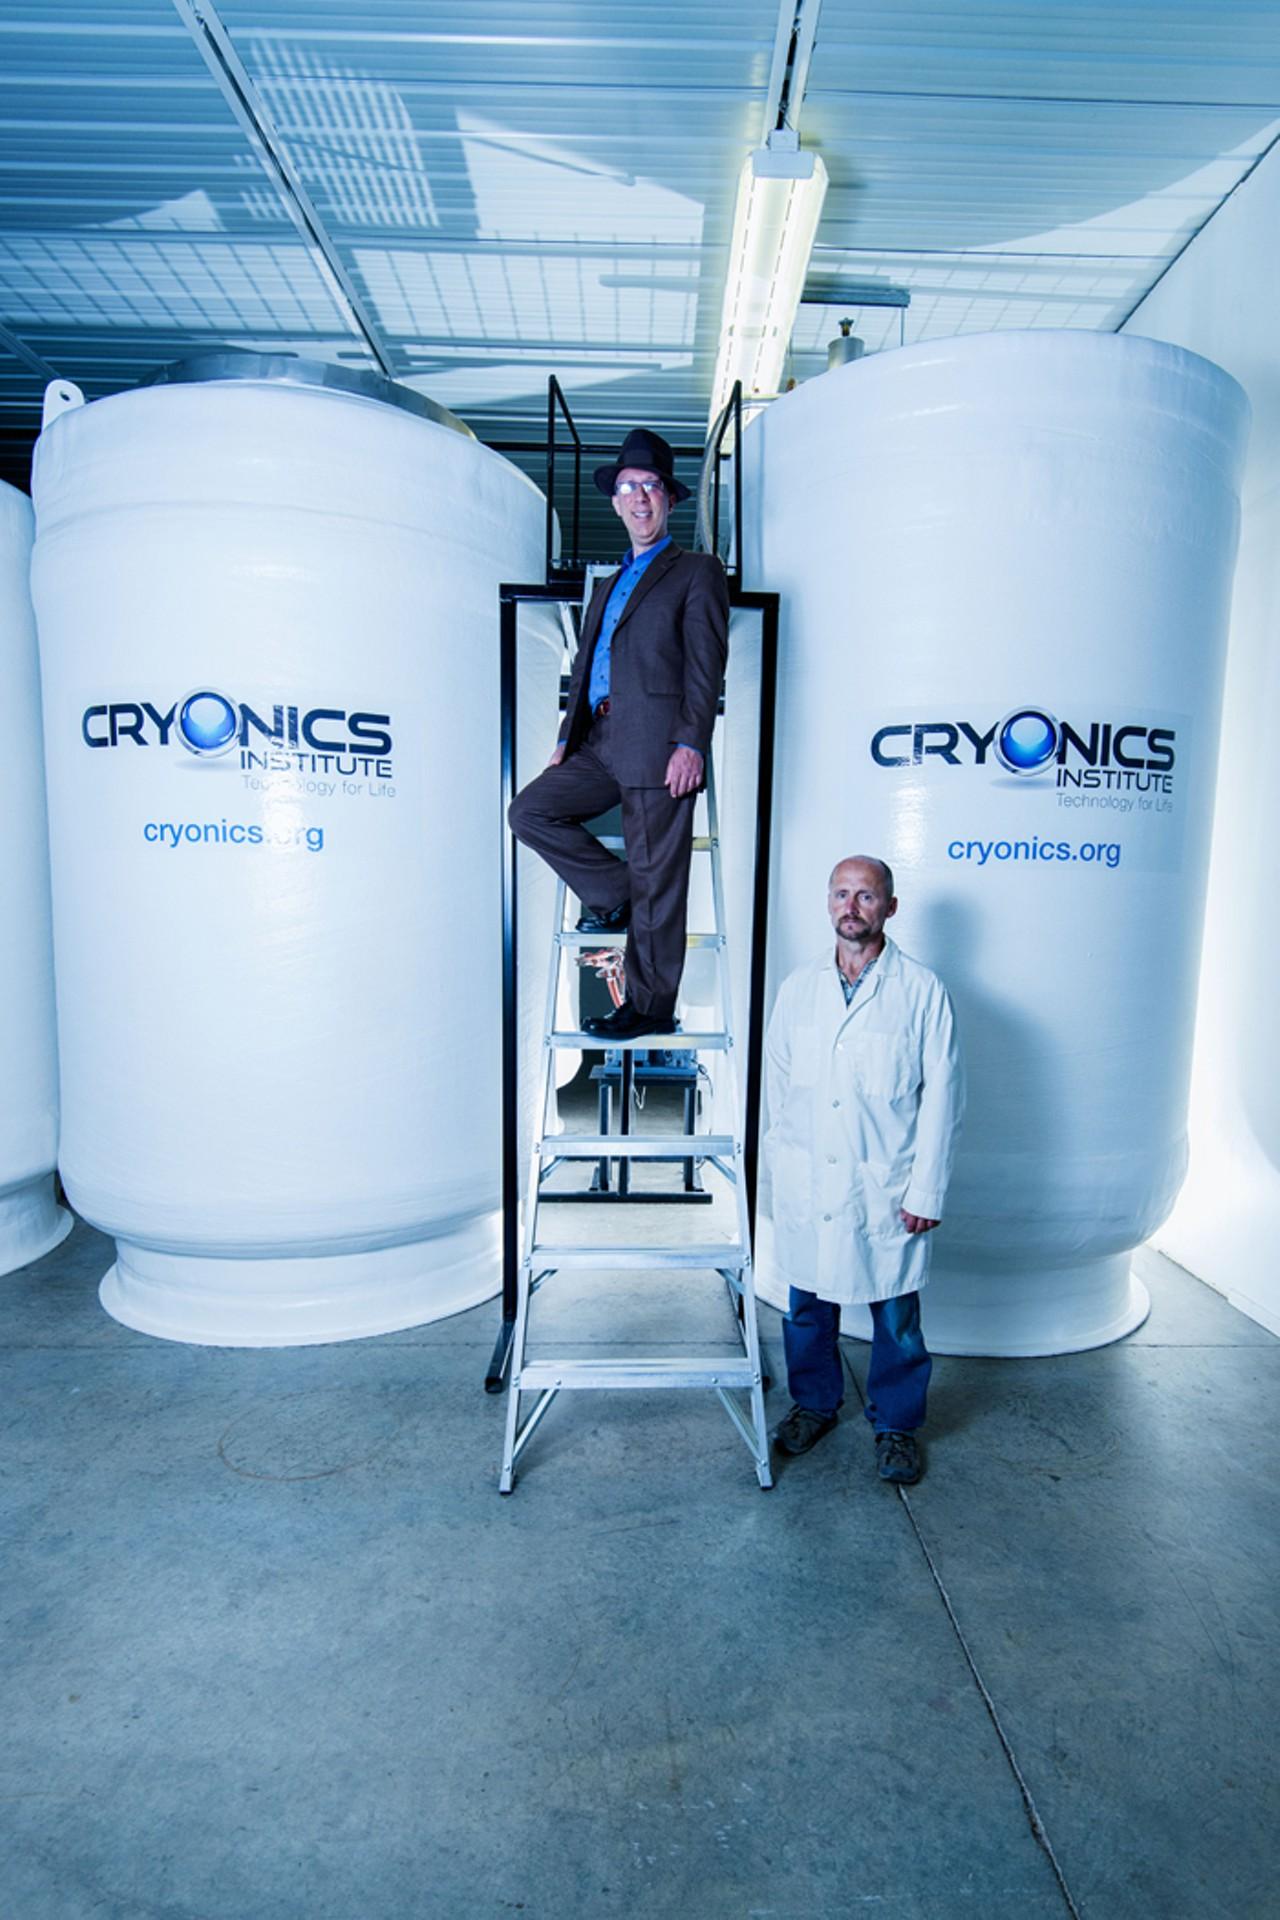 Ölümdən sonra geri qayıtmaq istəyirsiz? O zaman Cryonics.